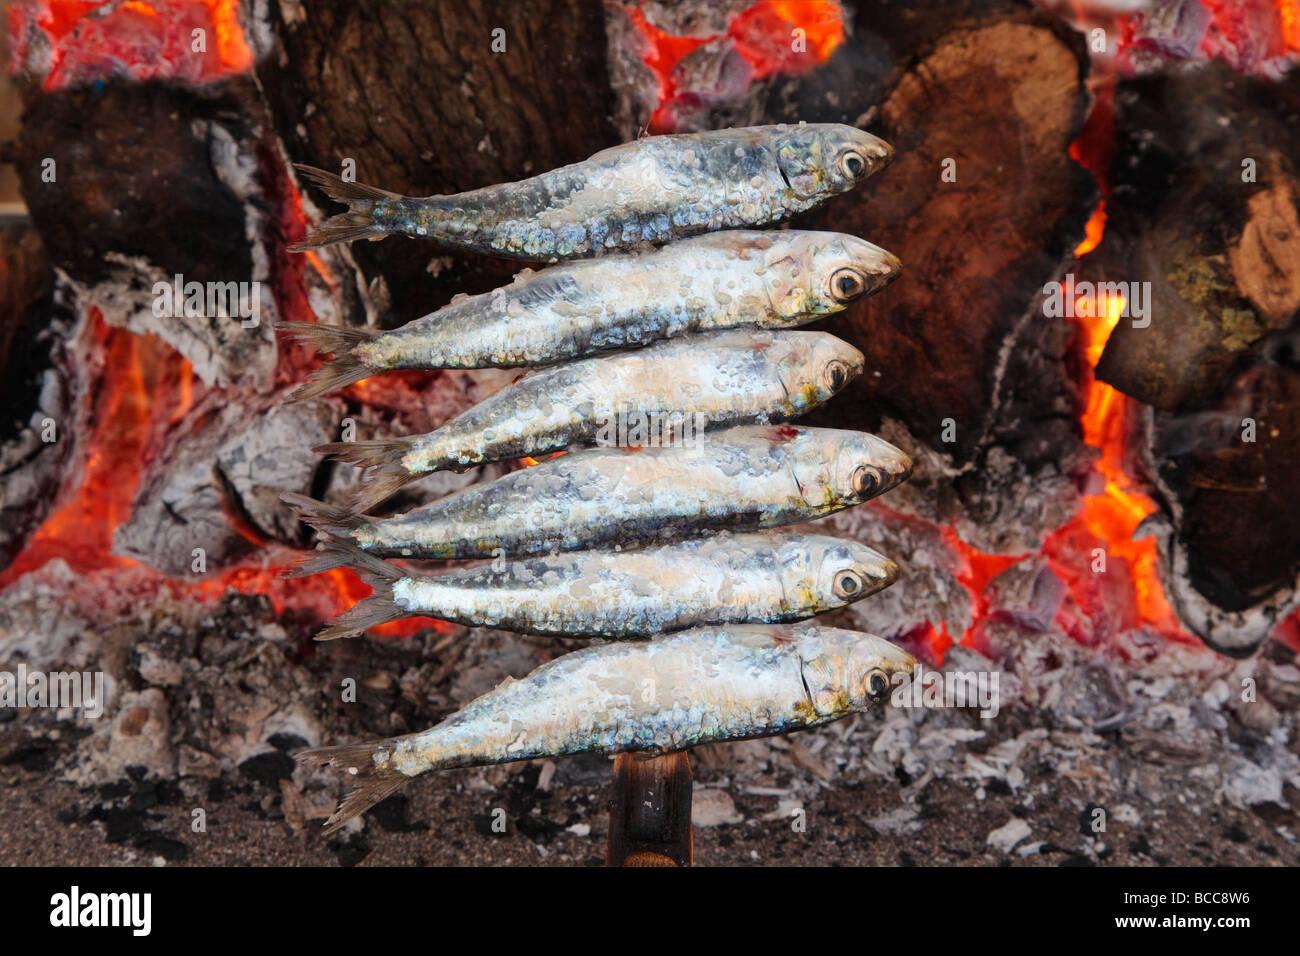 L'Espagne ou des brochettes de sardines espetos barbecueing sur feu ouvert Photo Stock